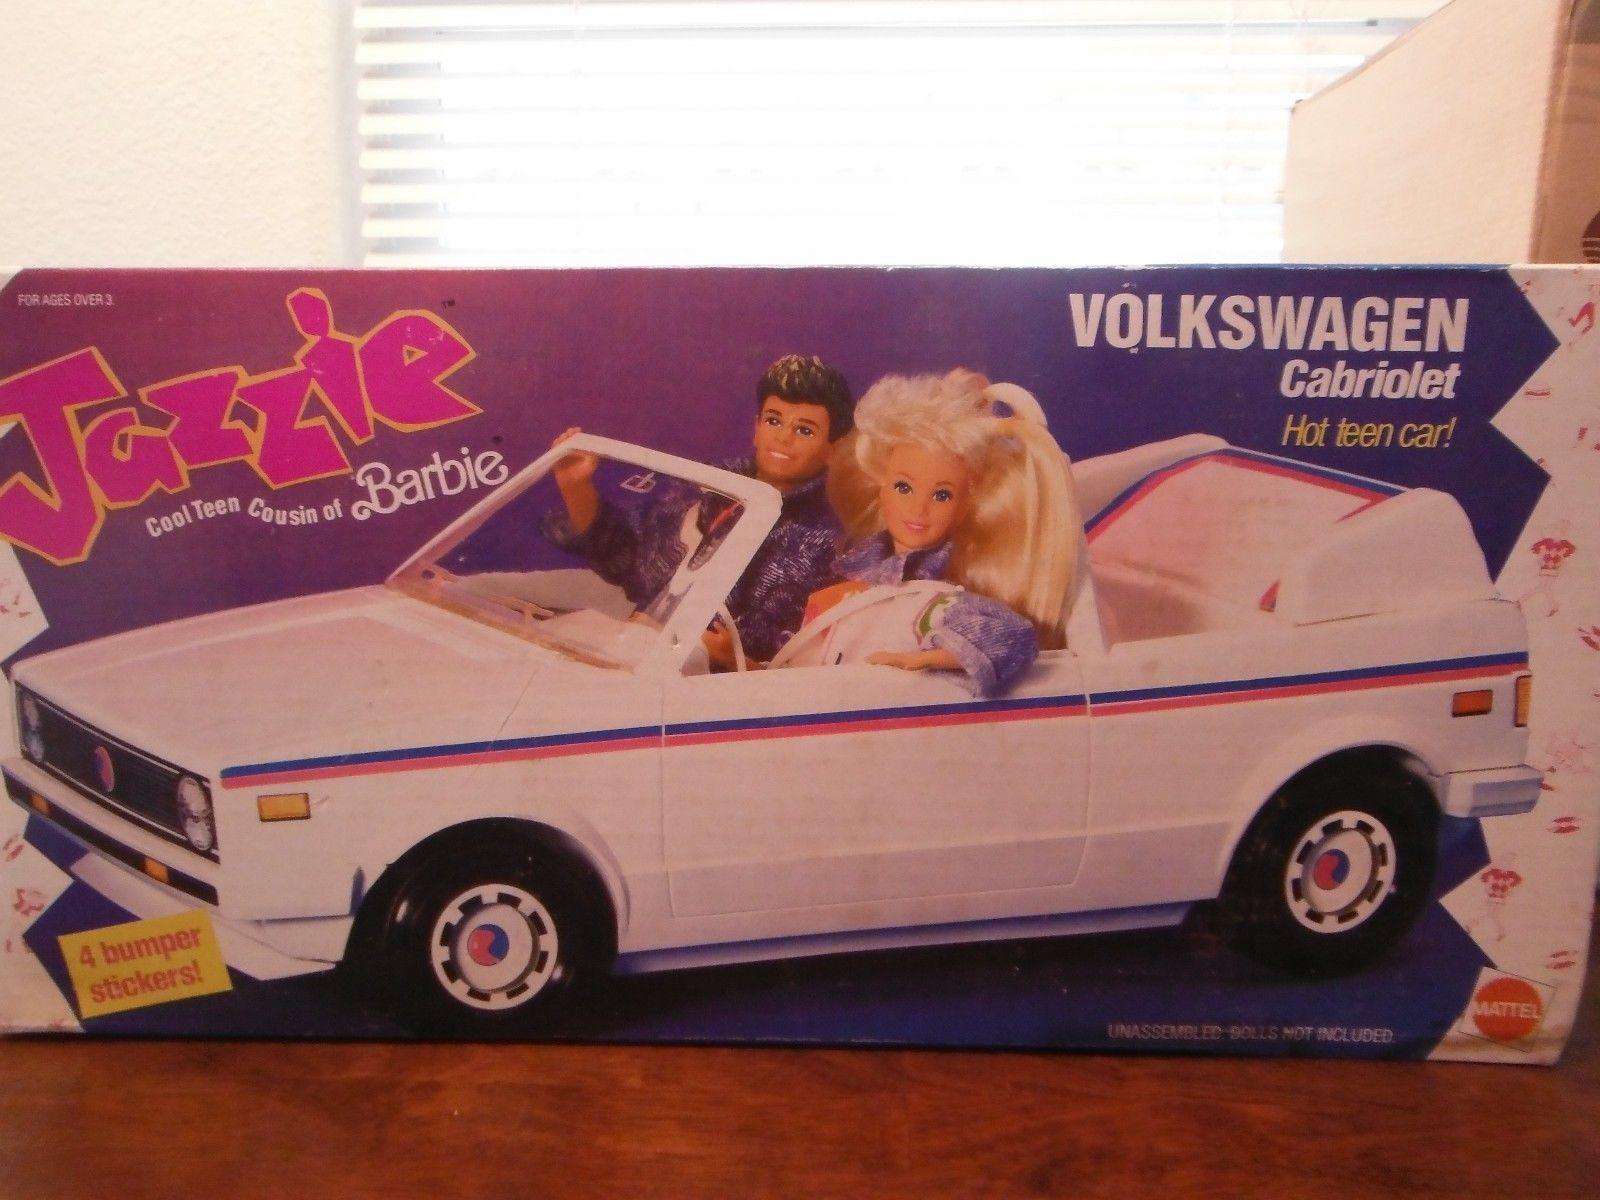 Jazzie's Volkswagen Cabriolet by Mattel, 1988